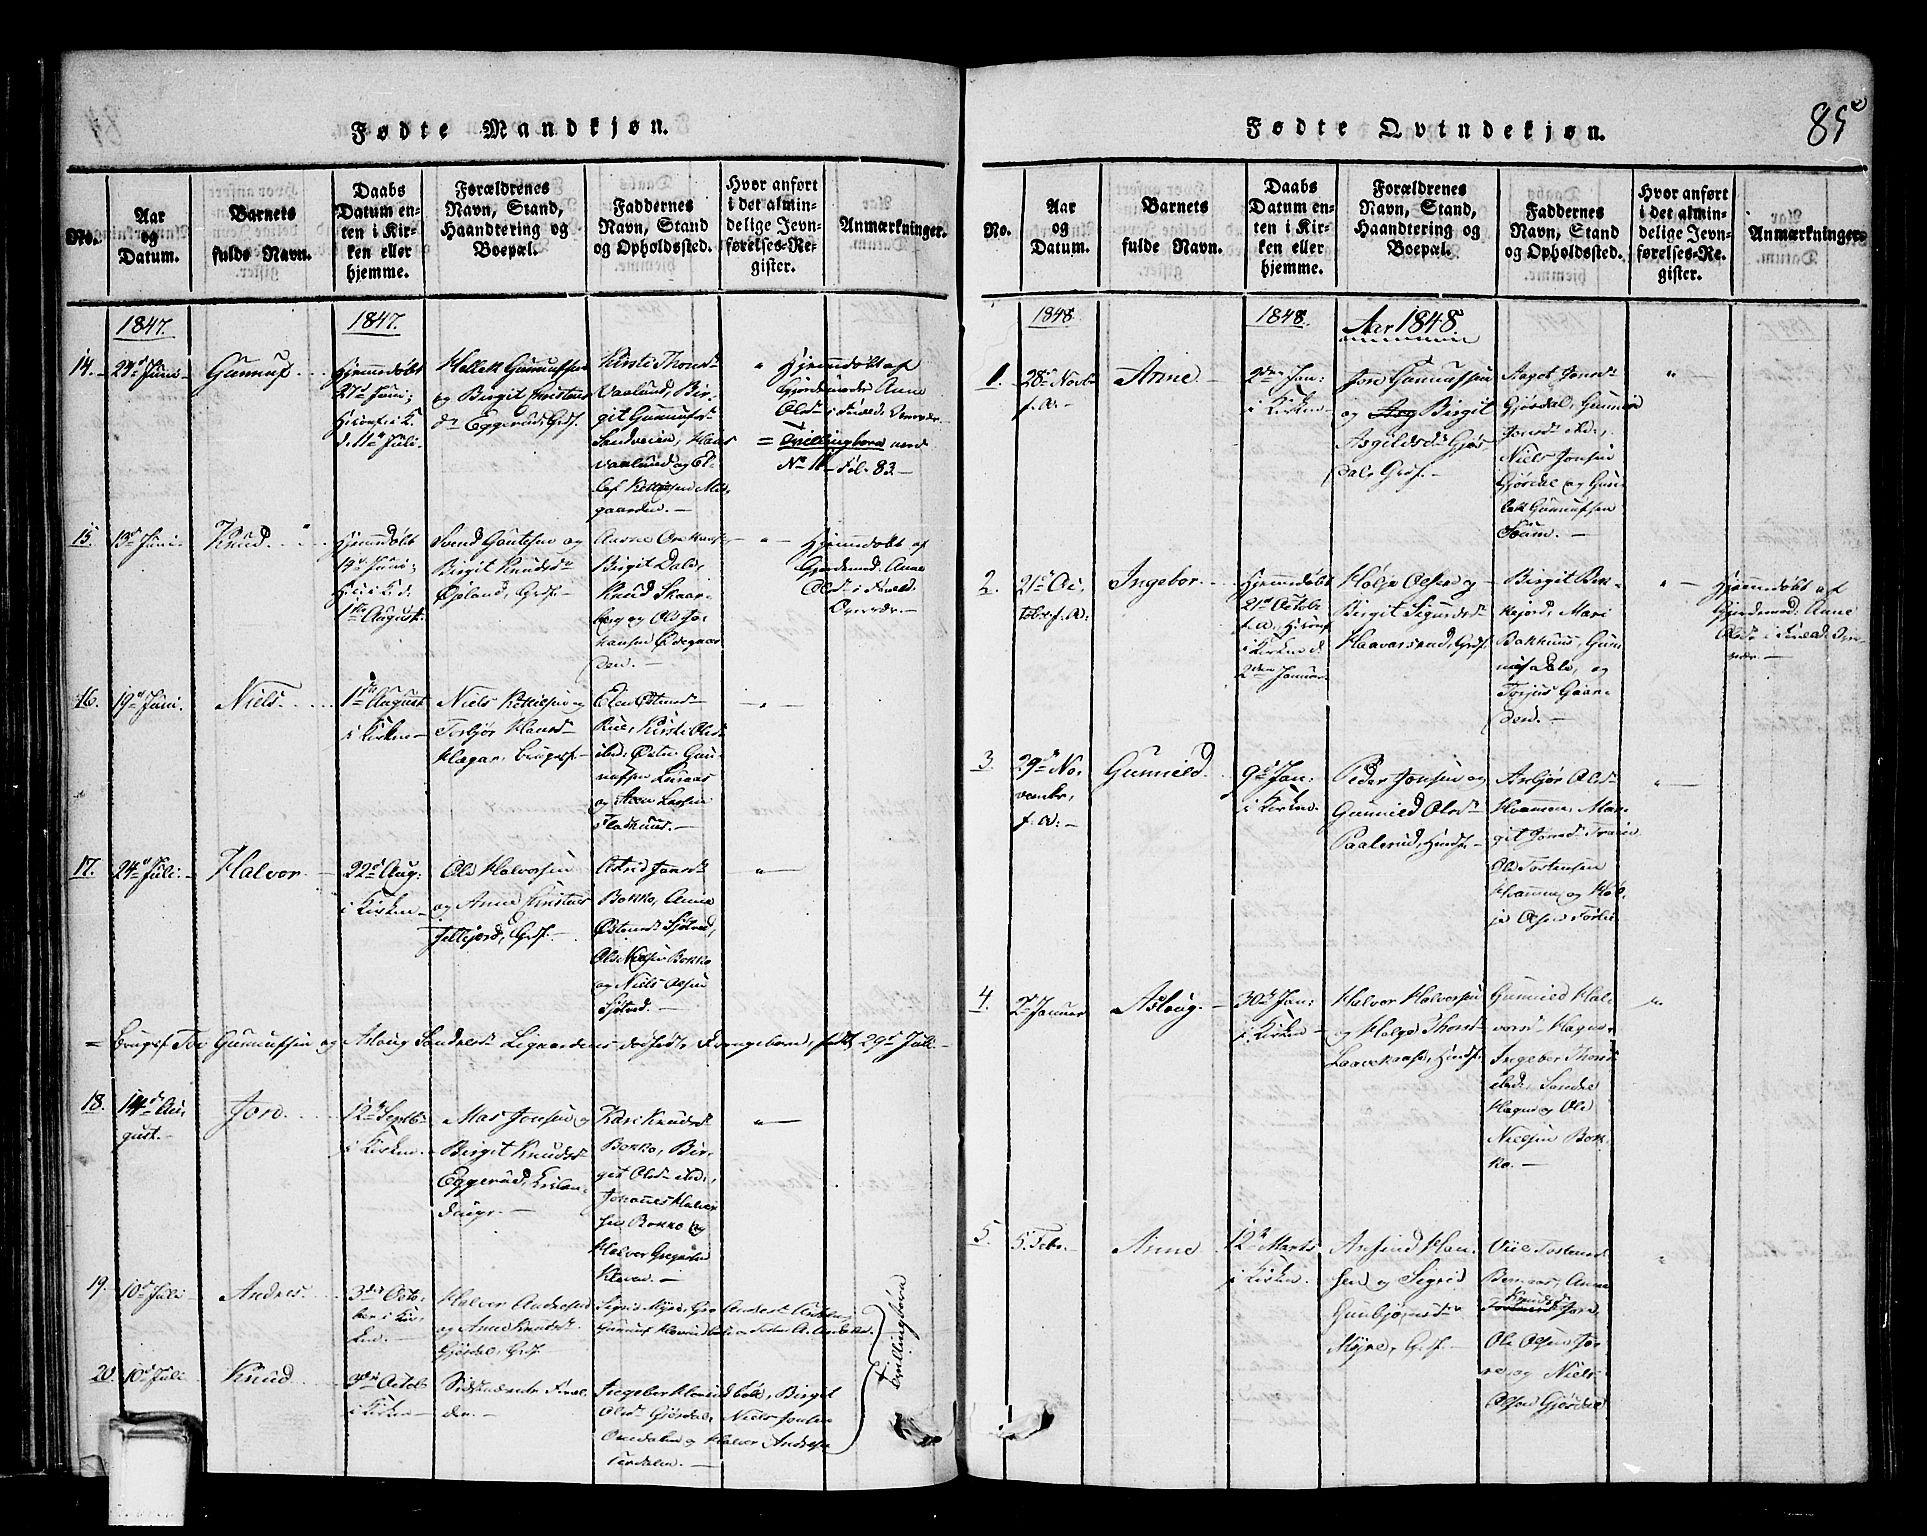 SAKO, Tinn kirkebøker, G/Gb/L0001: Klokkerbok nr. II 1 /2, 1837-1850, s. 85